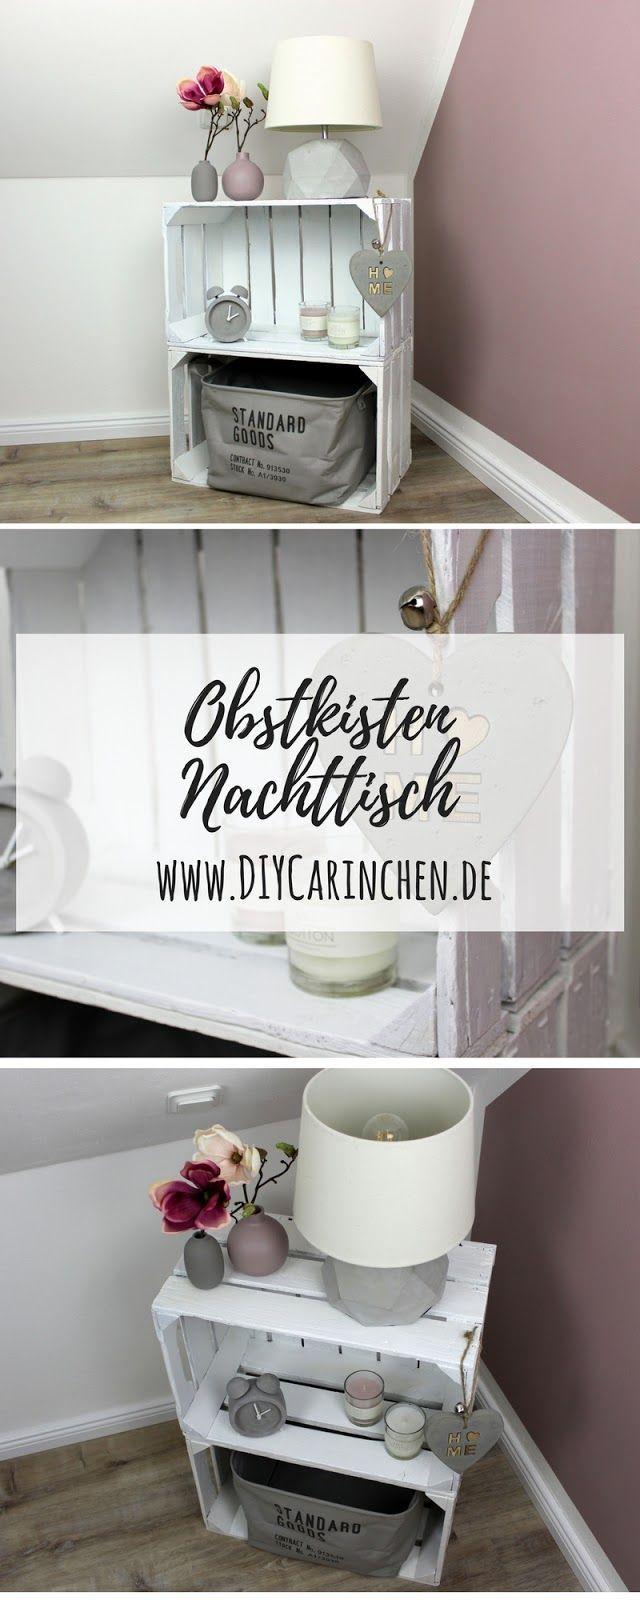 DIY Möbel selber bauen: Nachttisch / Nachtschrank aus Obstkisten ganz easy selber machen! - DIY Ideen #palettendeko